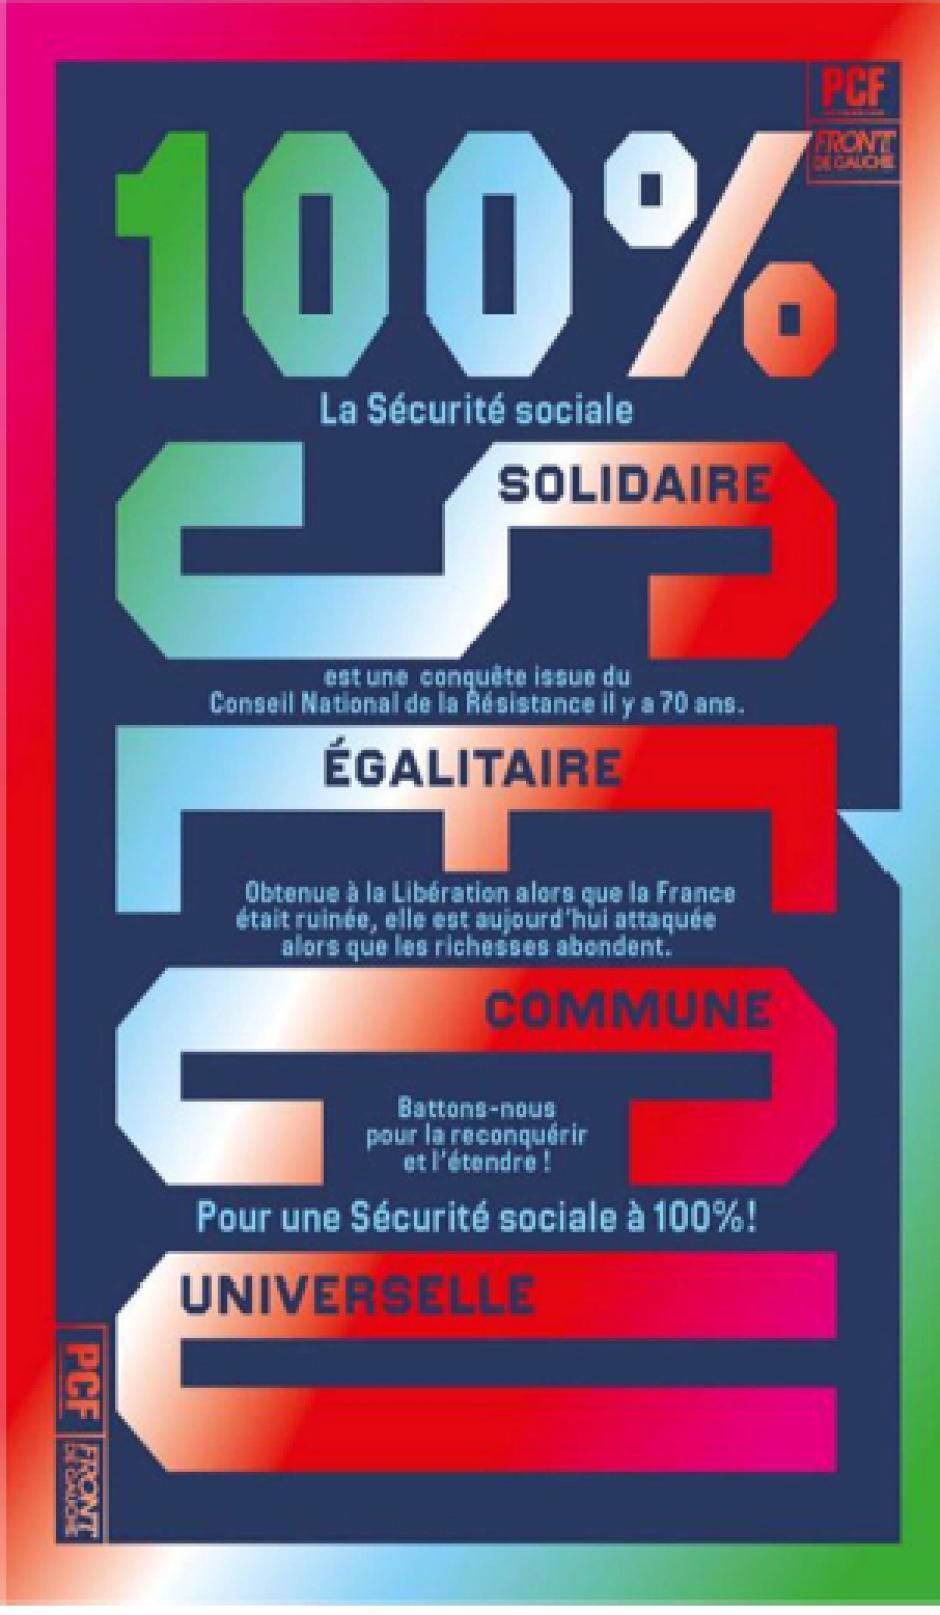 Soirée du 2 octobre pour les 70 ans de la Sécurité sociale - intervention de Frédéric Rauch, rédacteur en chef de la revue Economie et Politique